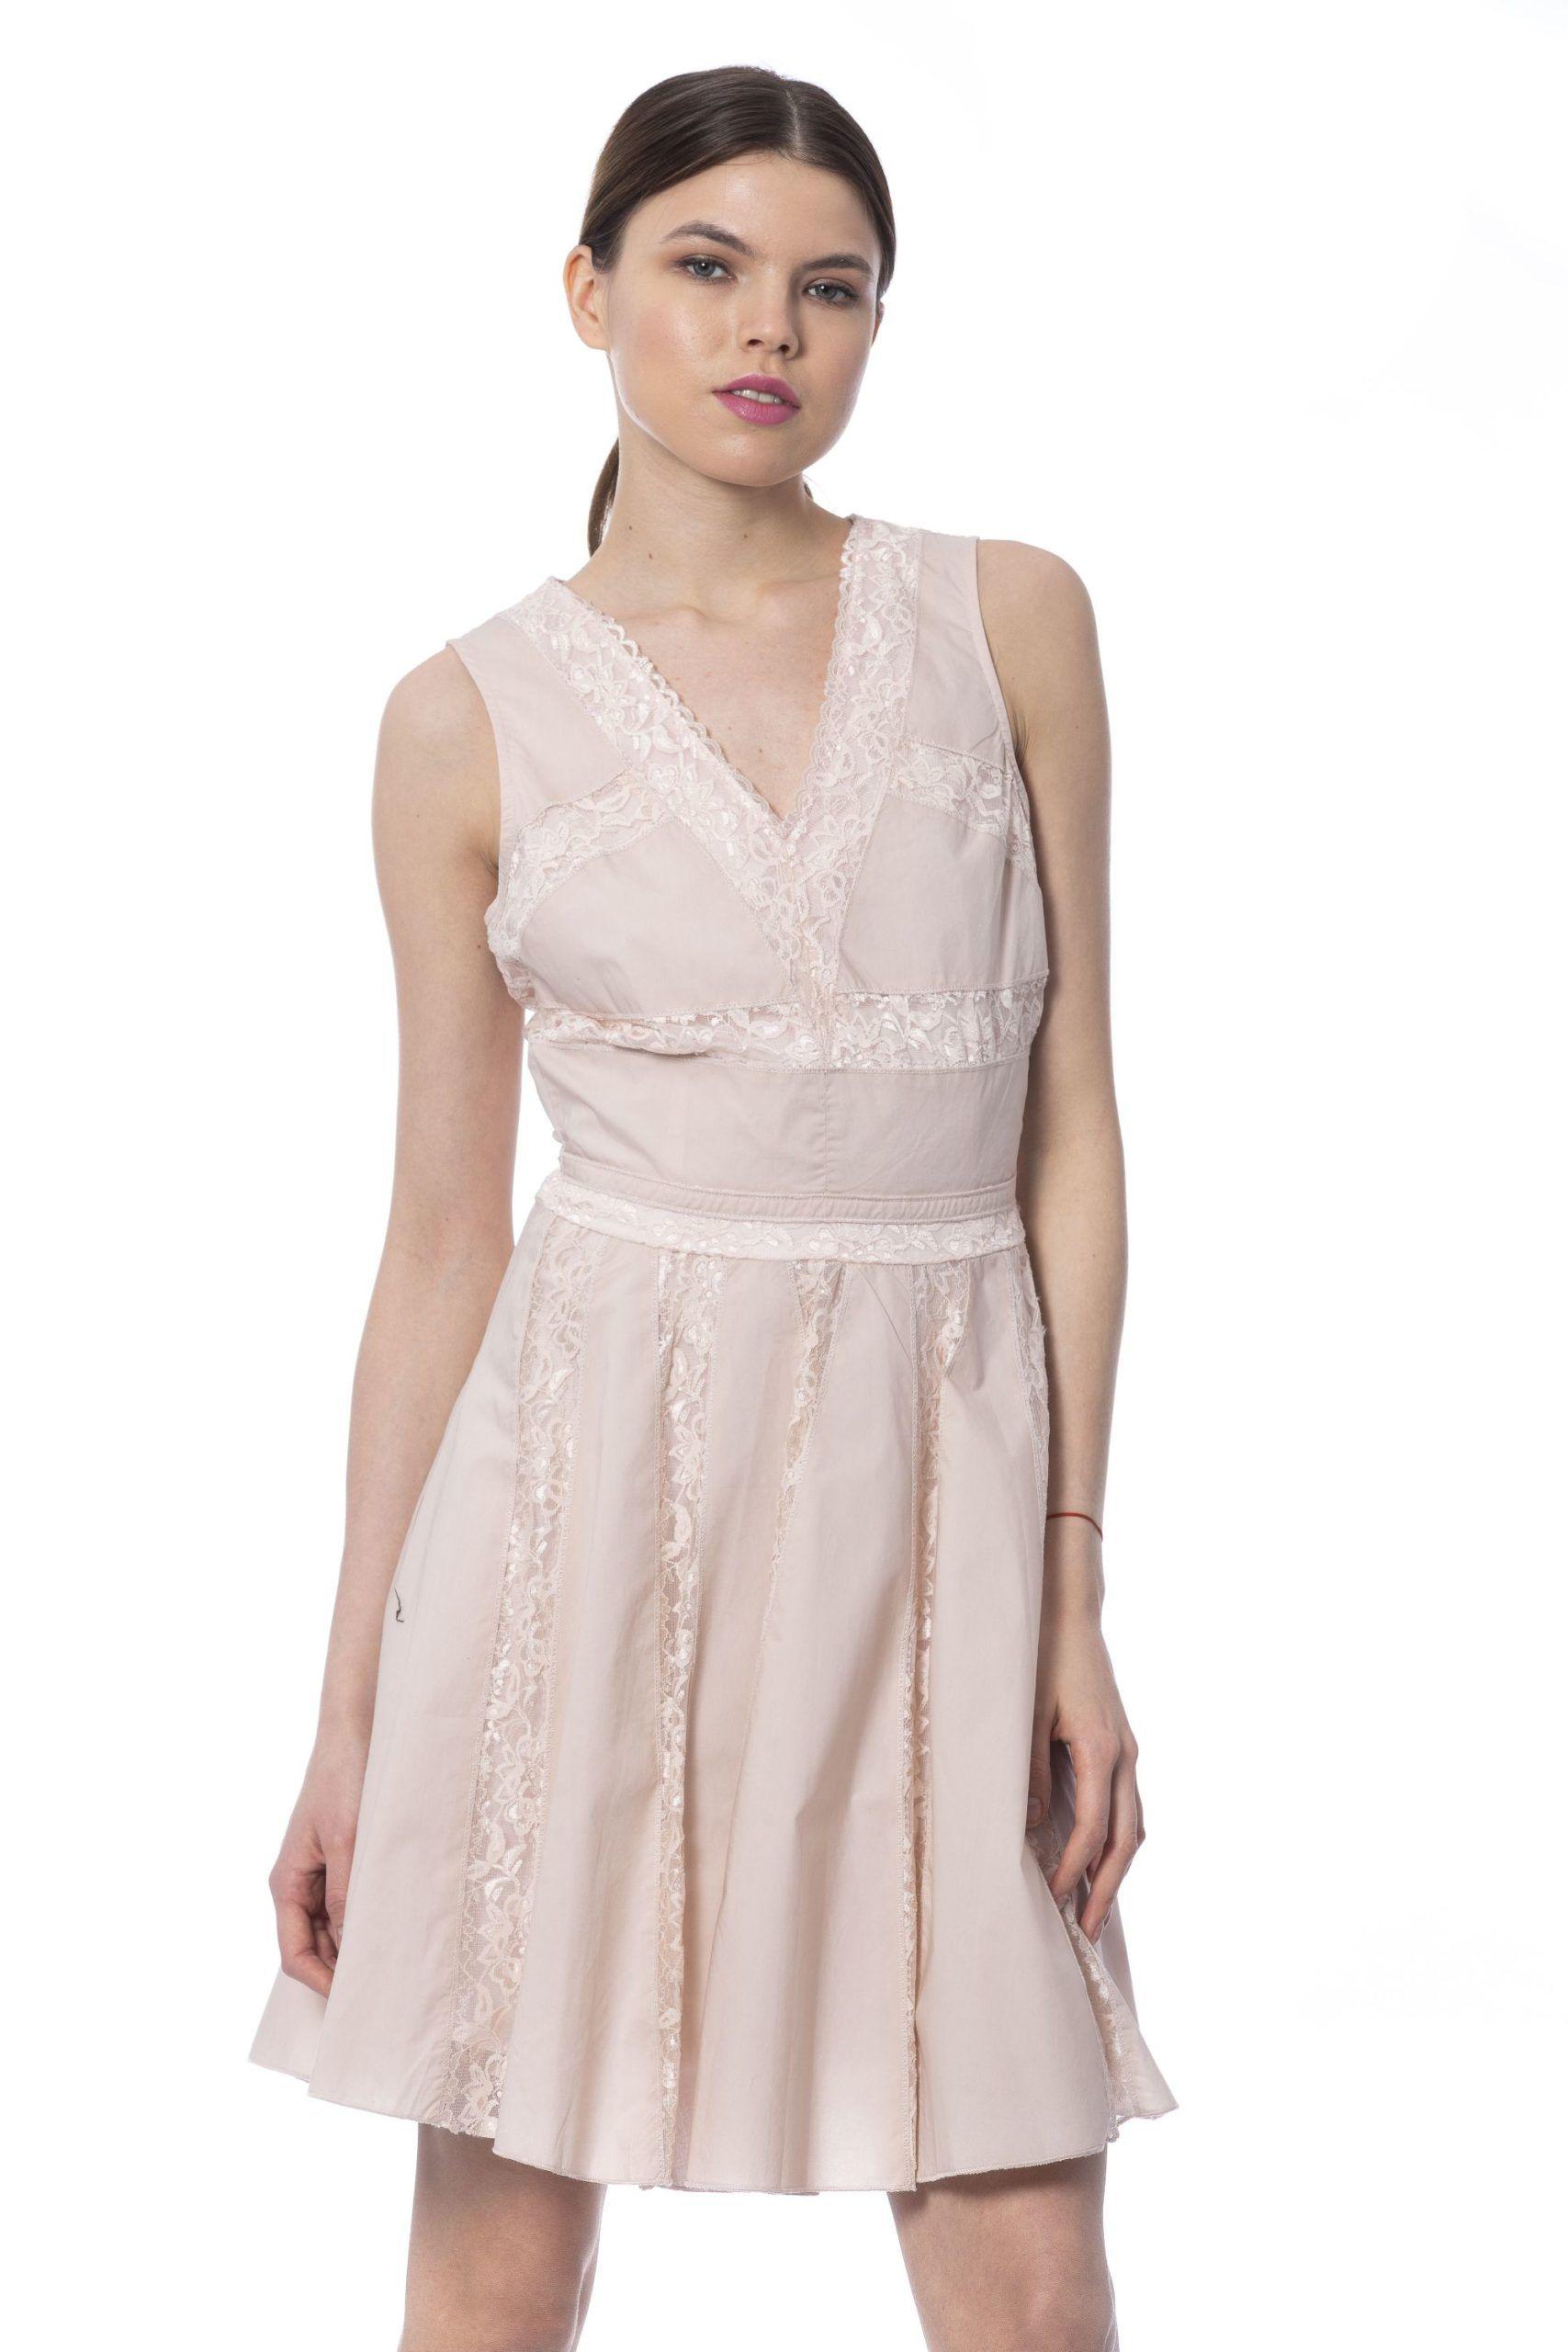 Silvian Heach Hazelnut Dress